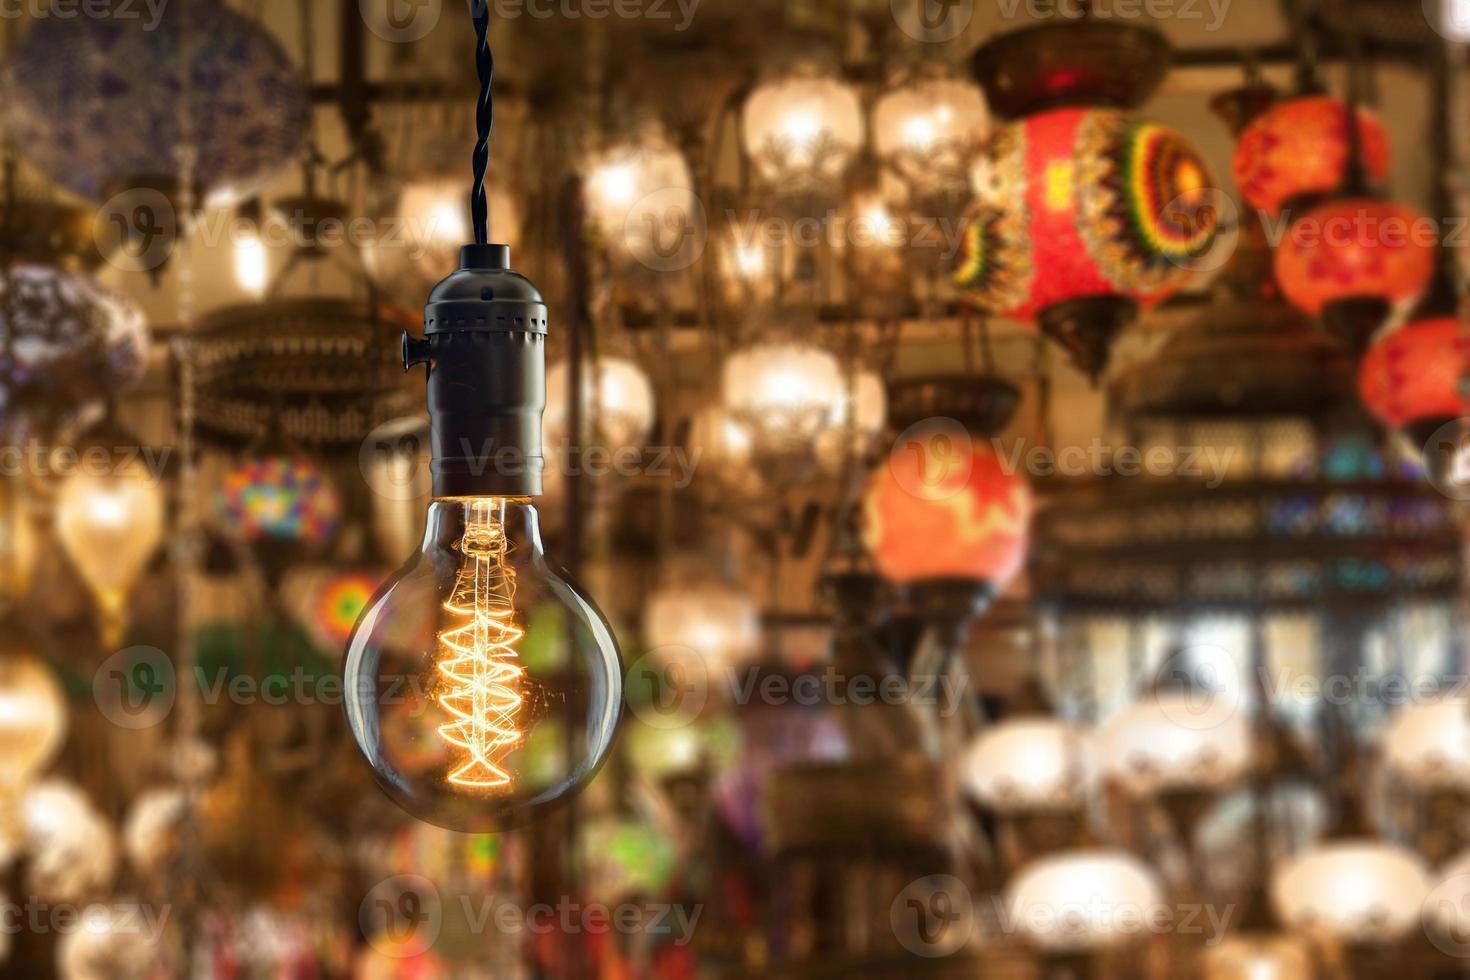 Lampadina a incandescenza vintage sul mercato delle attrezzature leggere a Istanbul foto